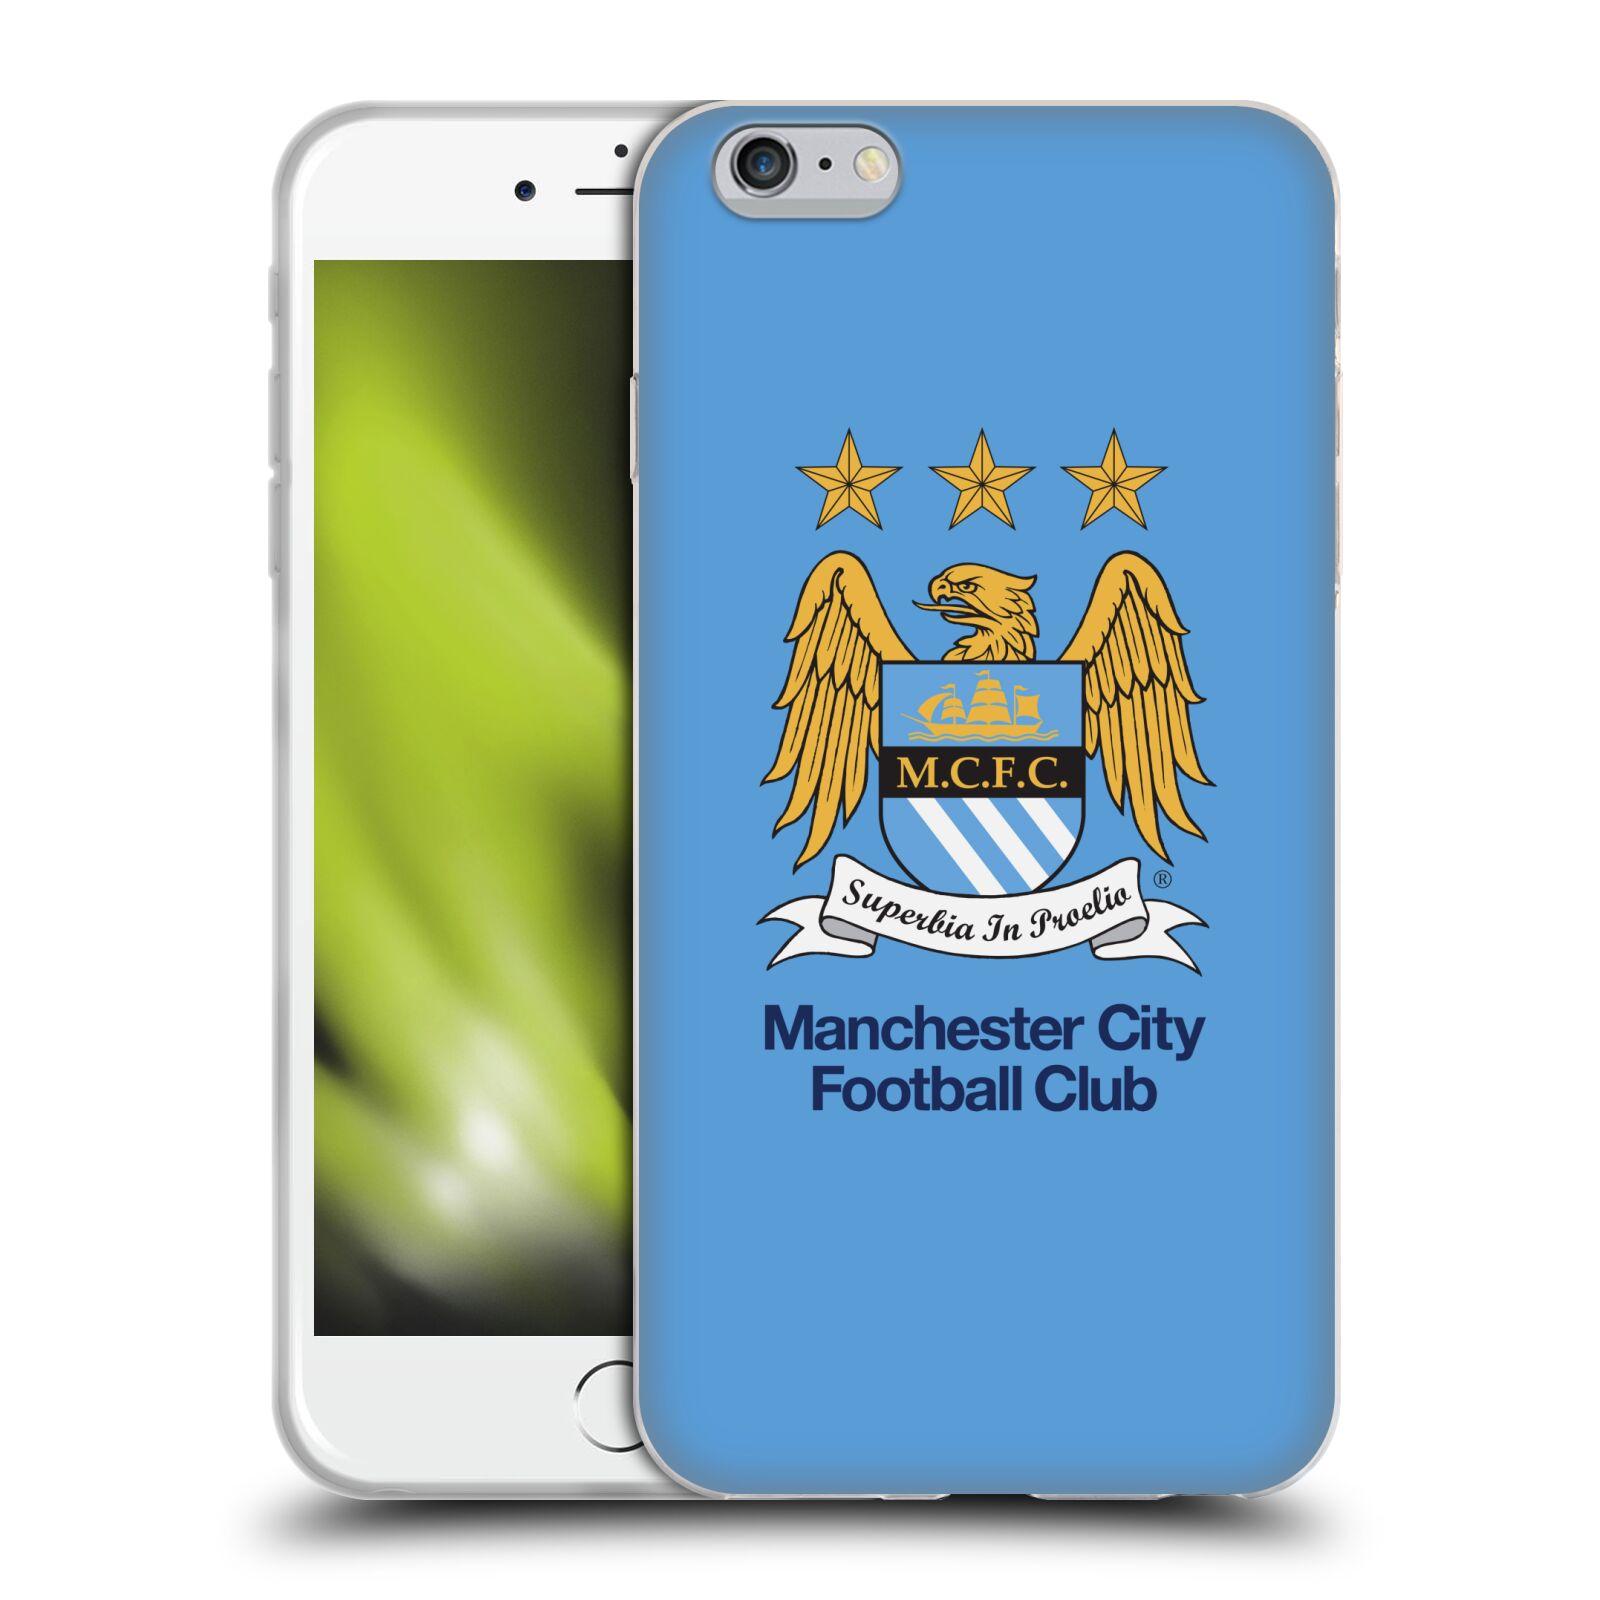 HEAD CASE silikonový obal na mobil Apple Iphone 6/6S PLUS Fotbalový klub Manchester City nebesky modrá pozadí velký znak pták